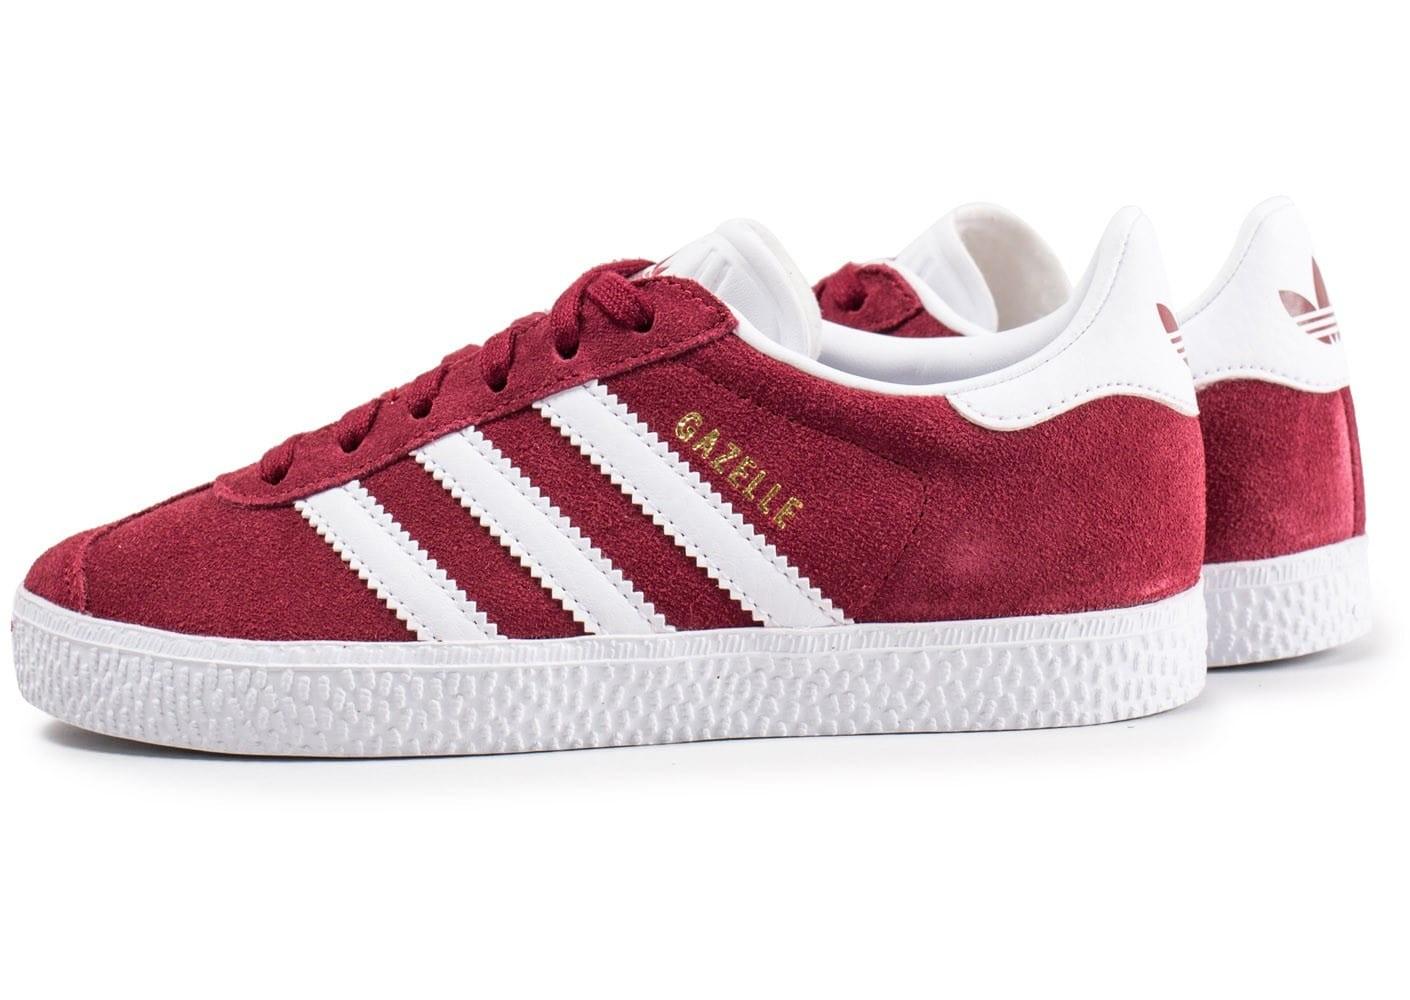 adidas gazelle enfant 36,Chaussures & vêtements Adidas pas cher